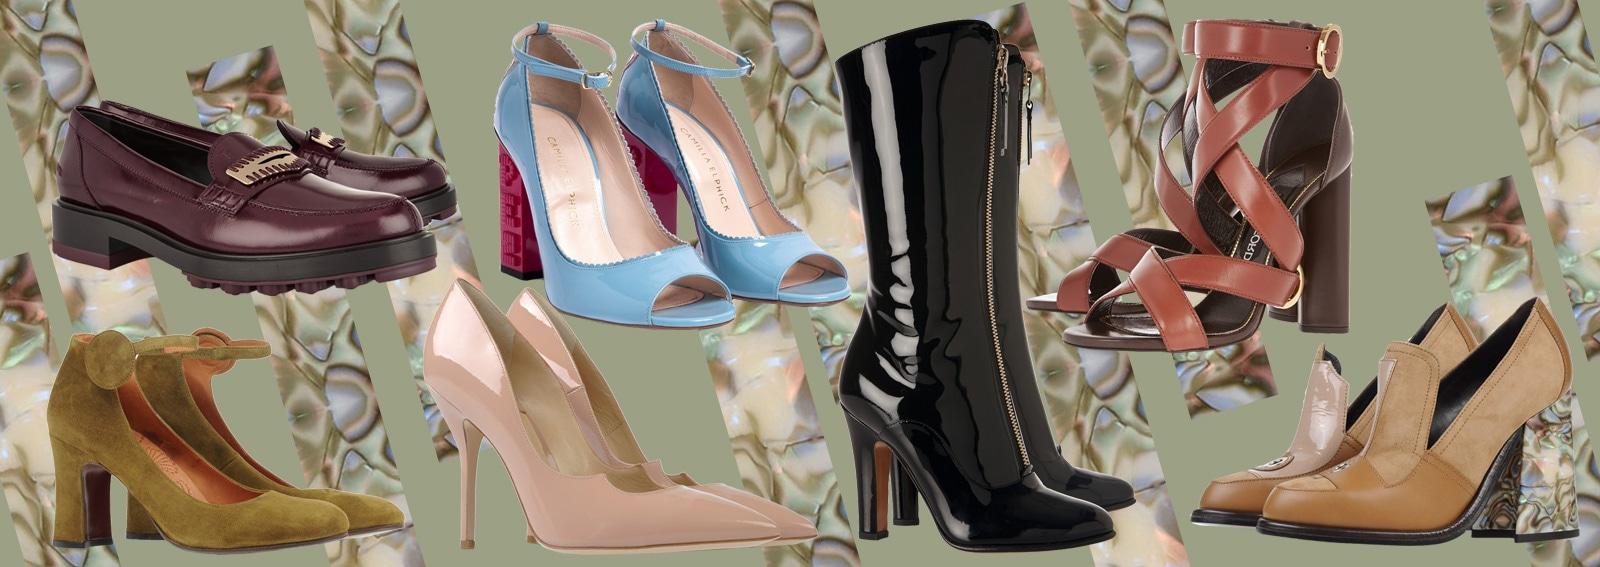 cover scarpe saldi ai 2015 desktop